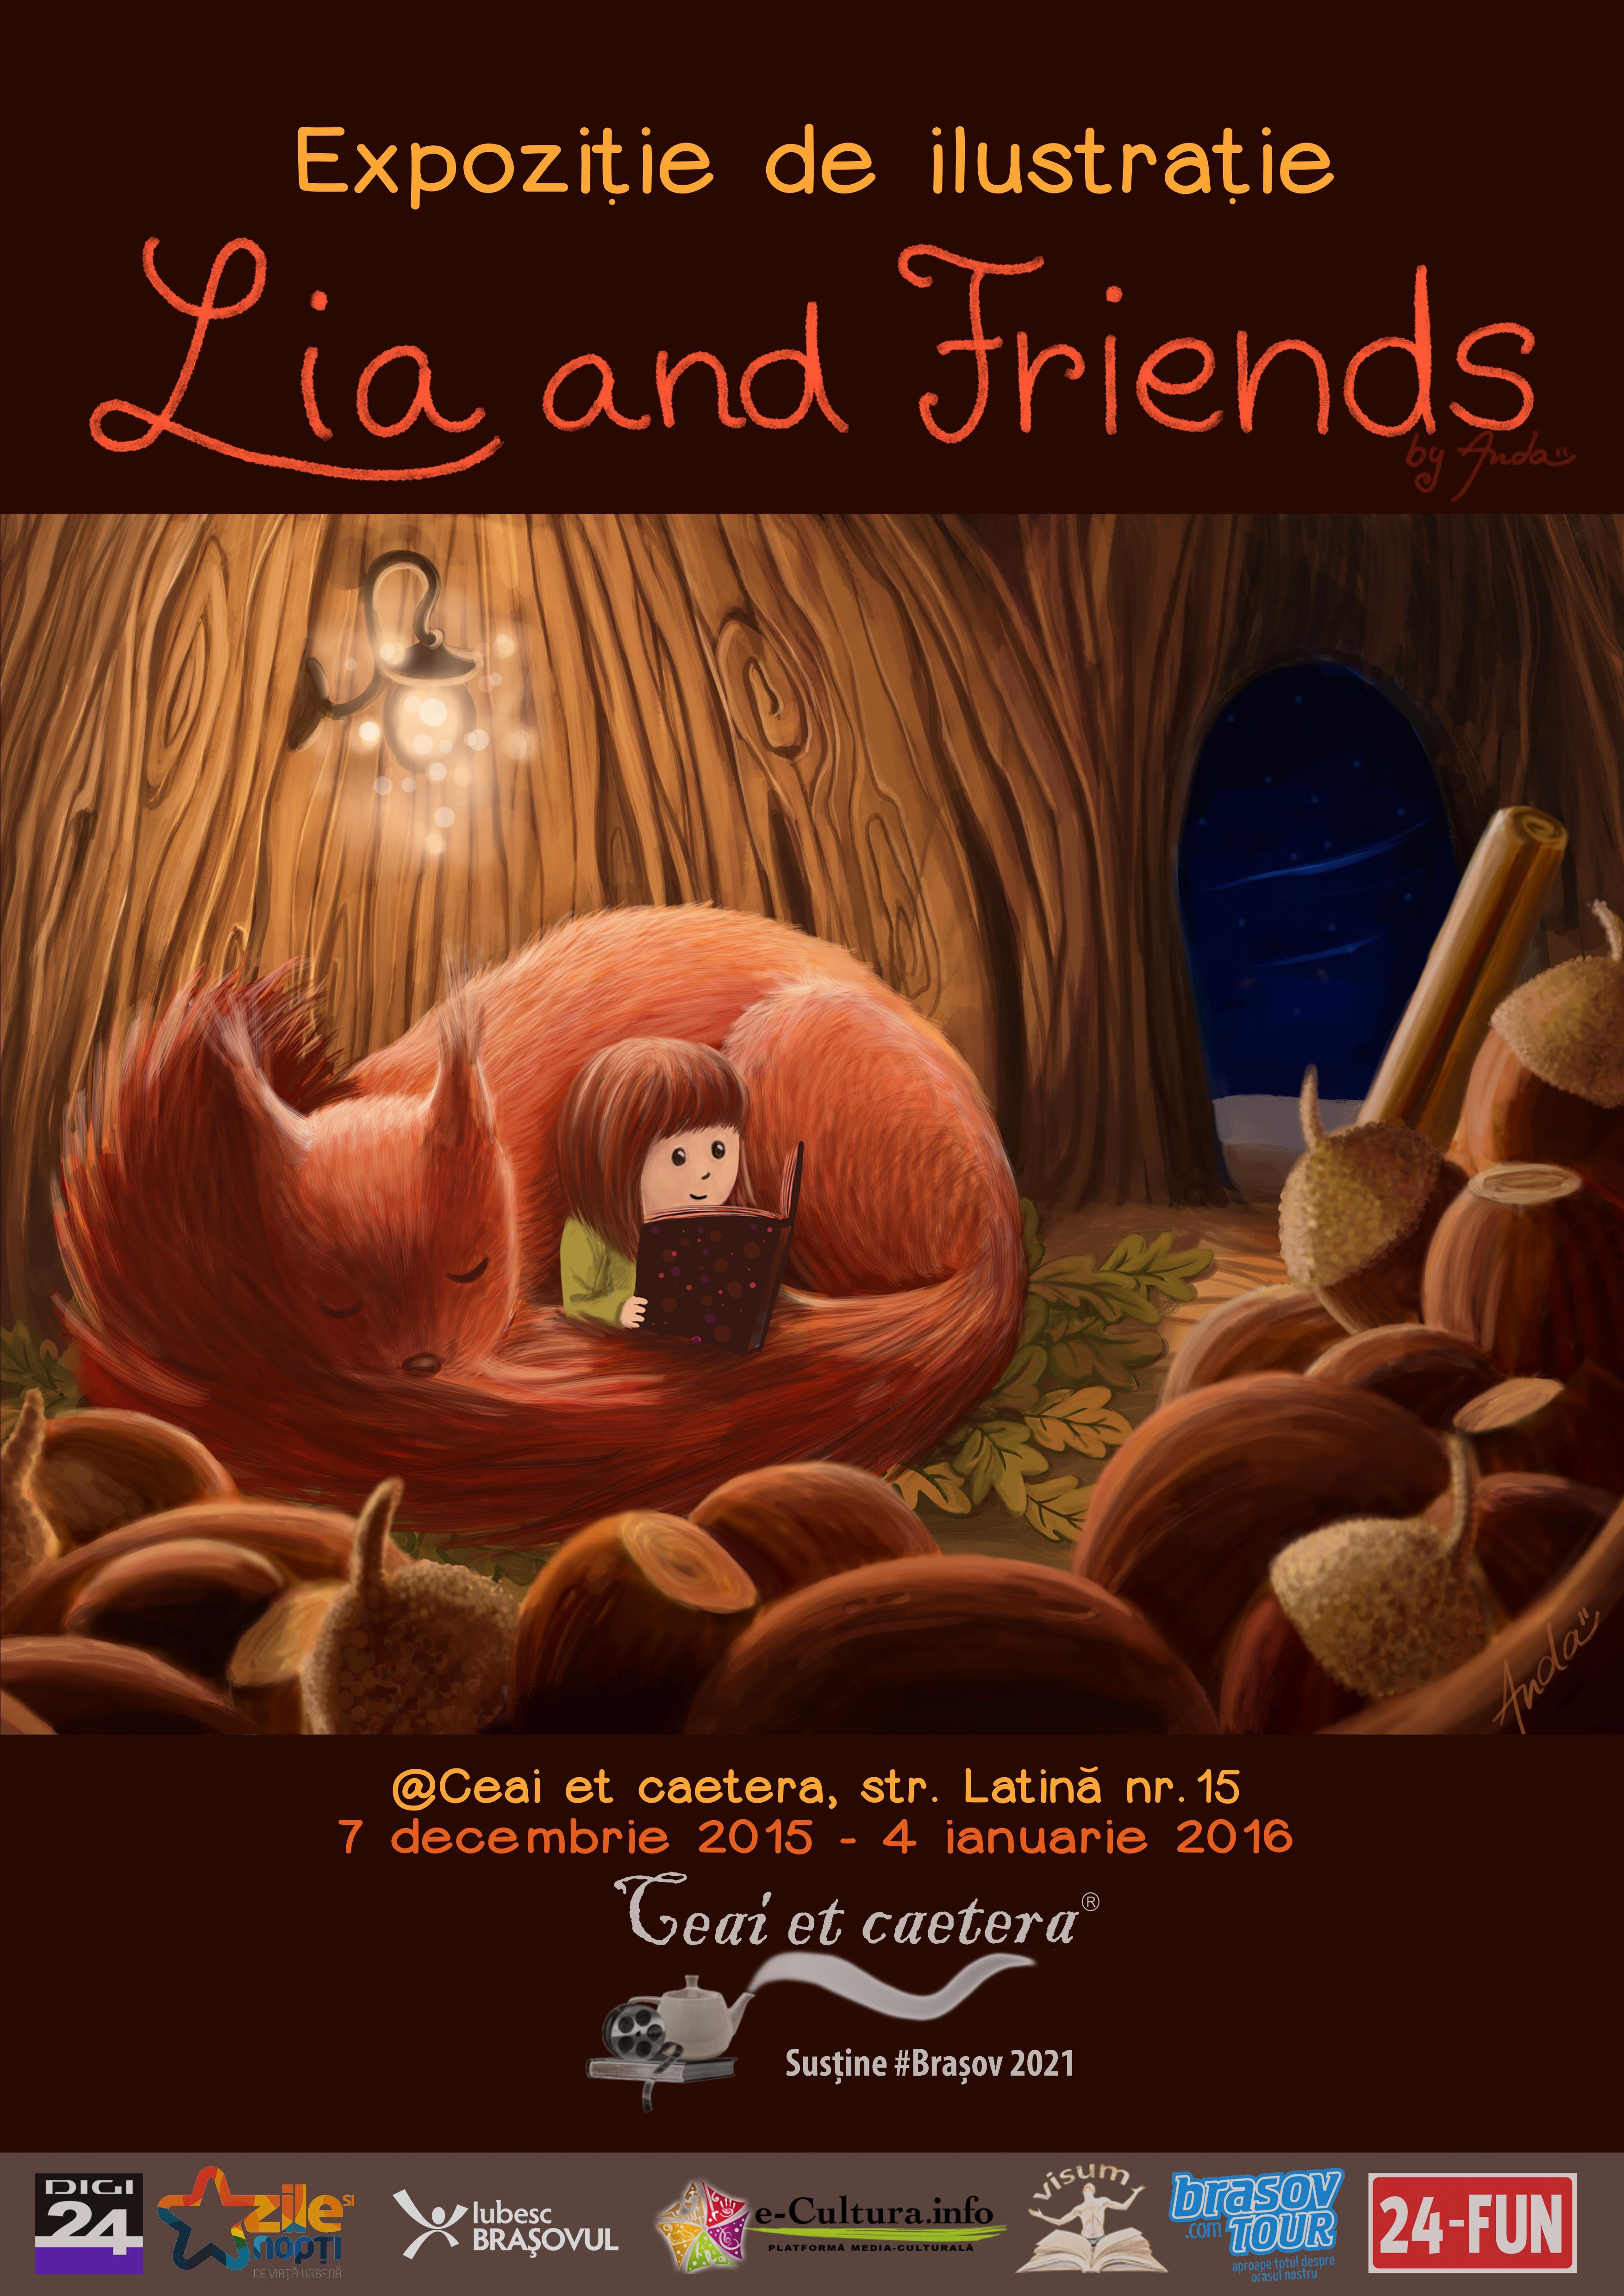 Lia and friends – expoziție de ilustrație, lucrări semnate Anda Ansheen